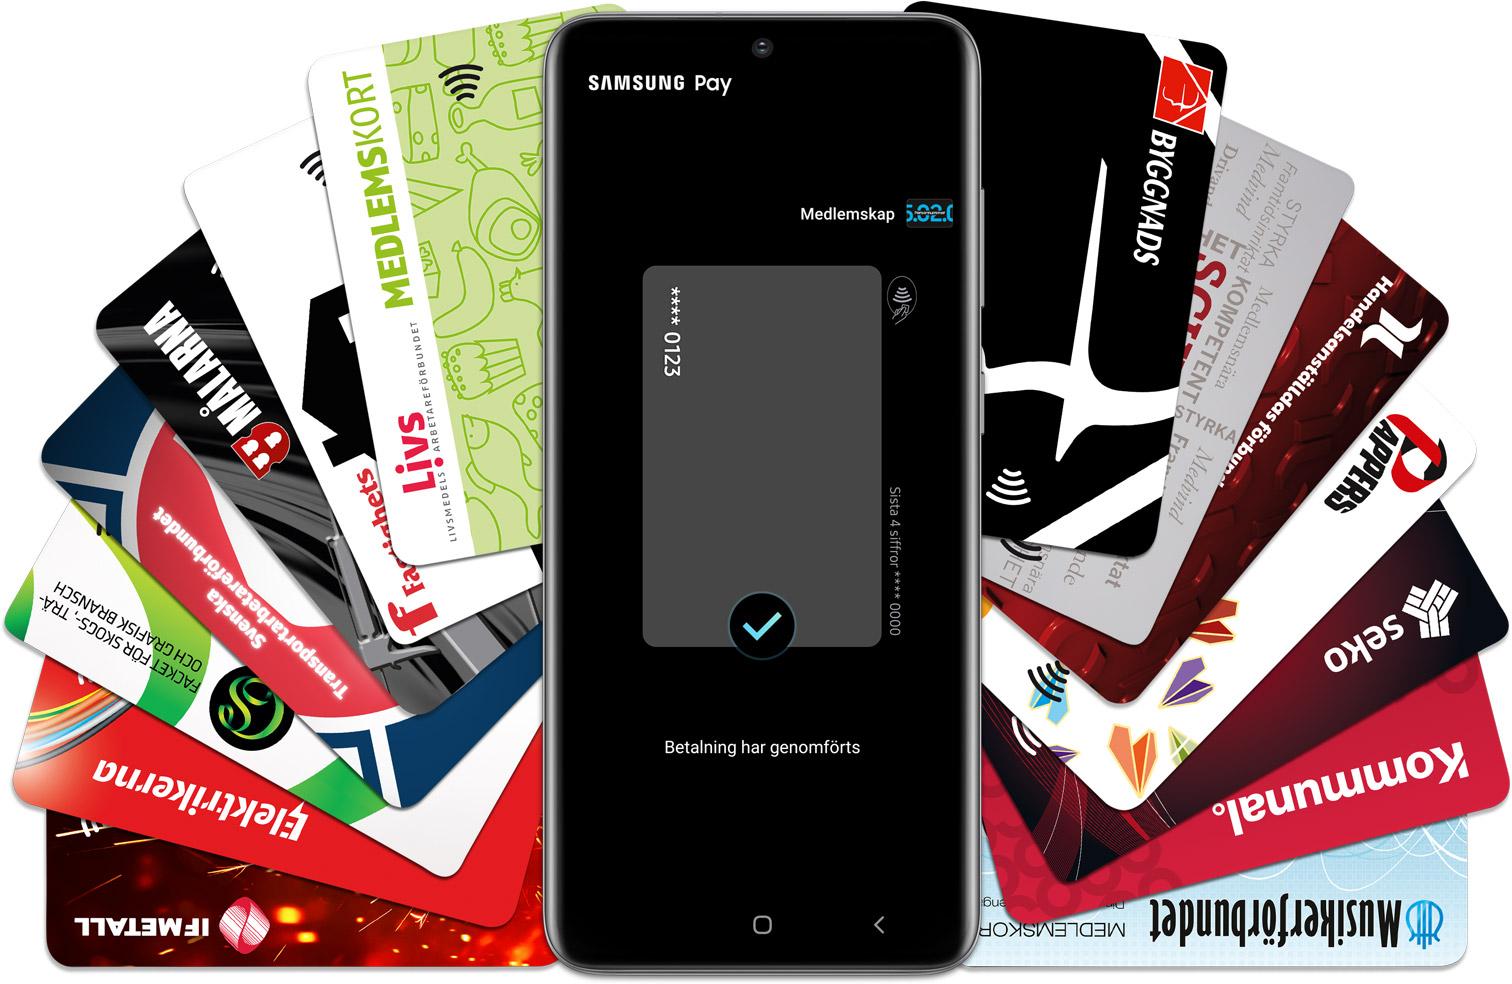 LO Mervärde Mastercard – Samsung Pay